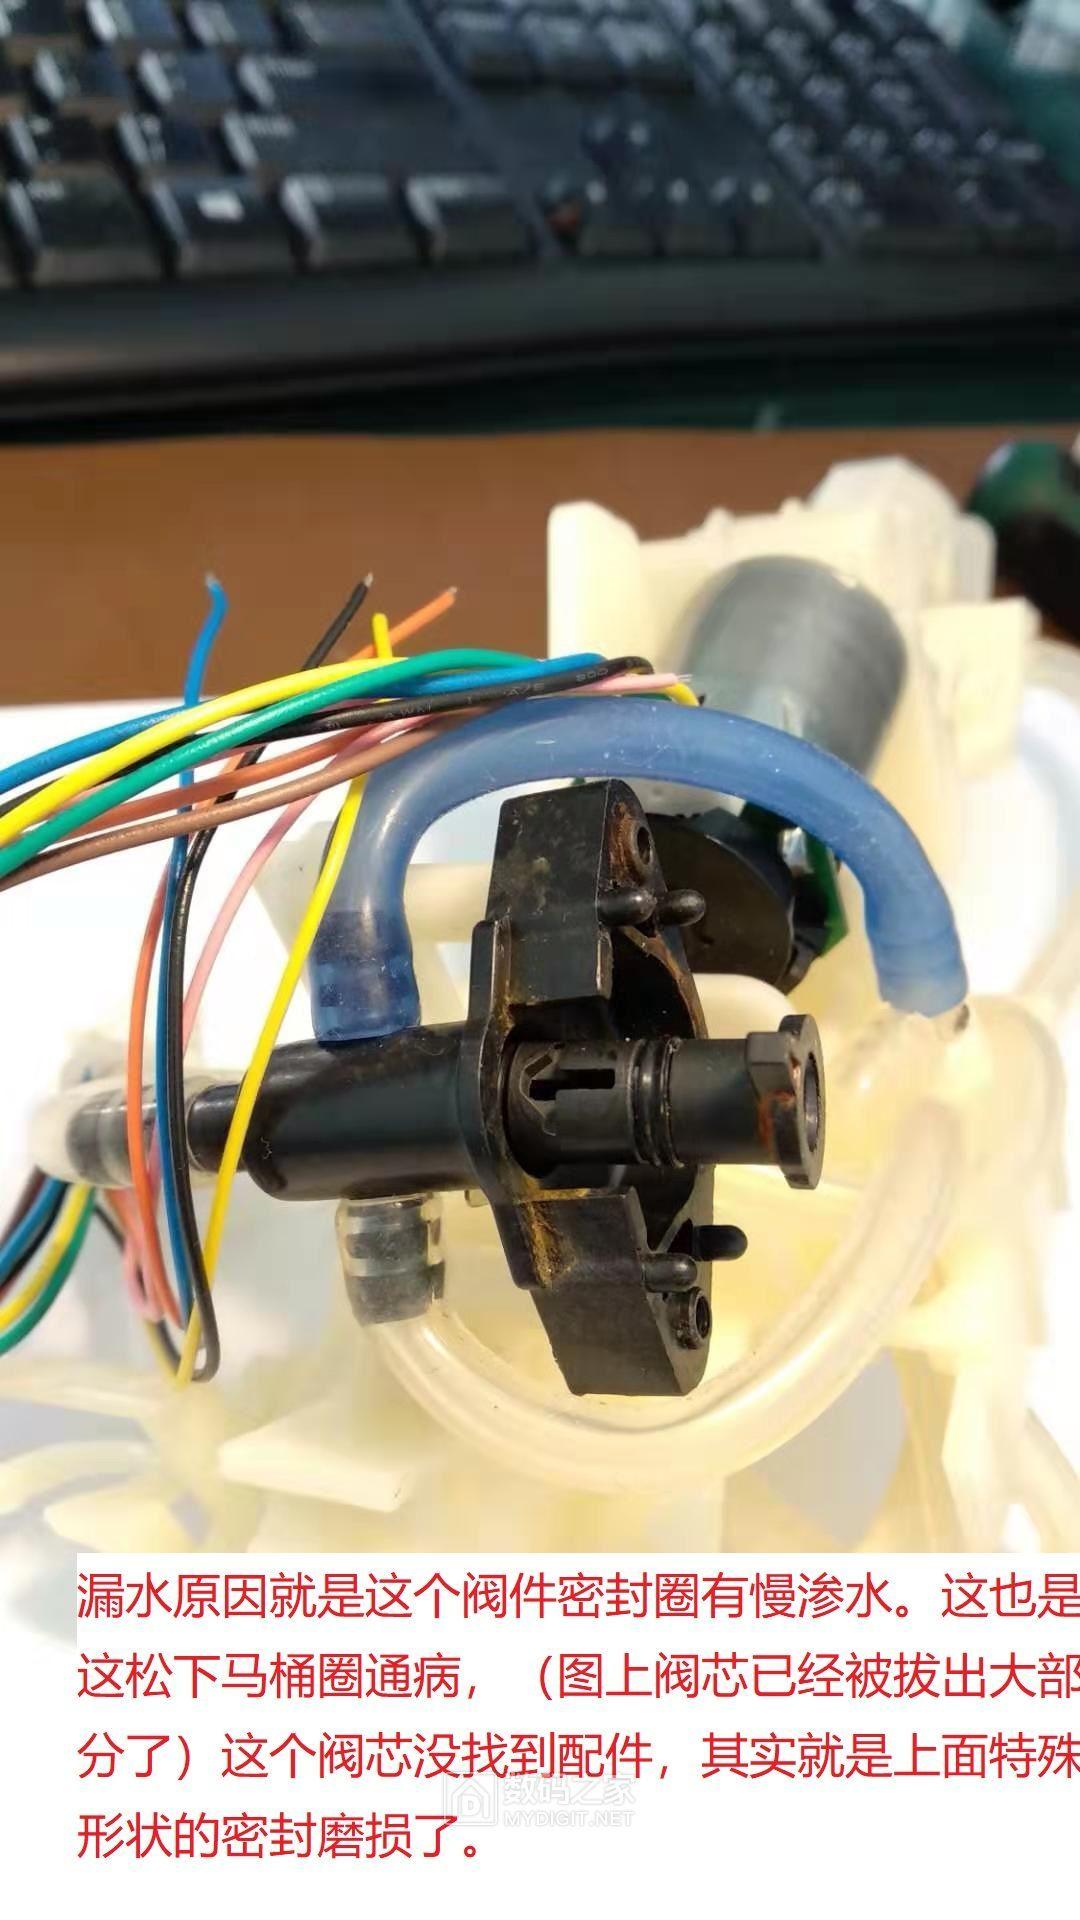 拆下电机拔出阀芯